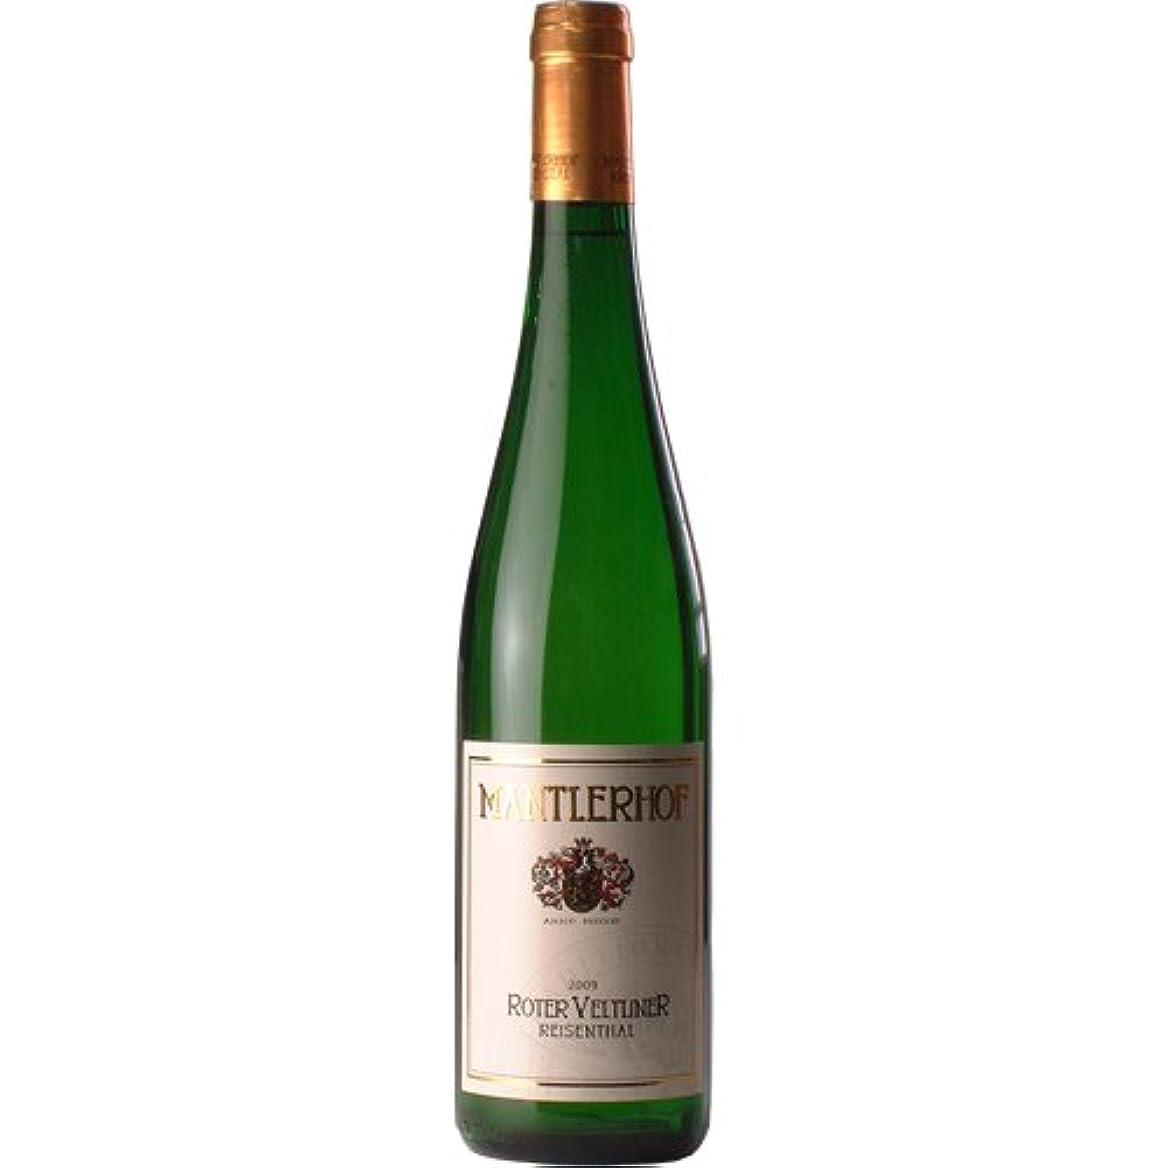 戦争レタッチ大ローター フェルトリーナー ライゼンタール 白 750ml オーガニック ワイン